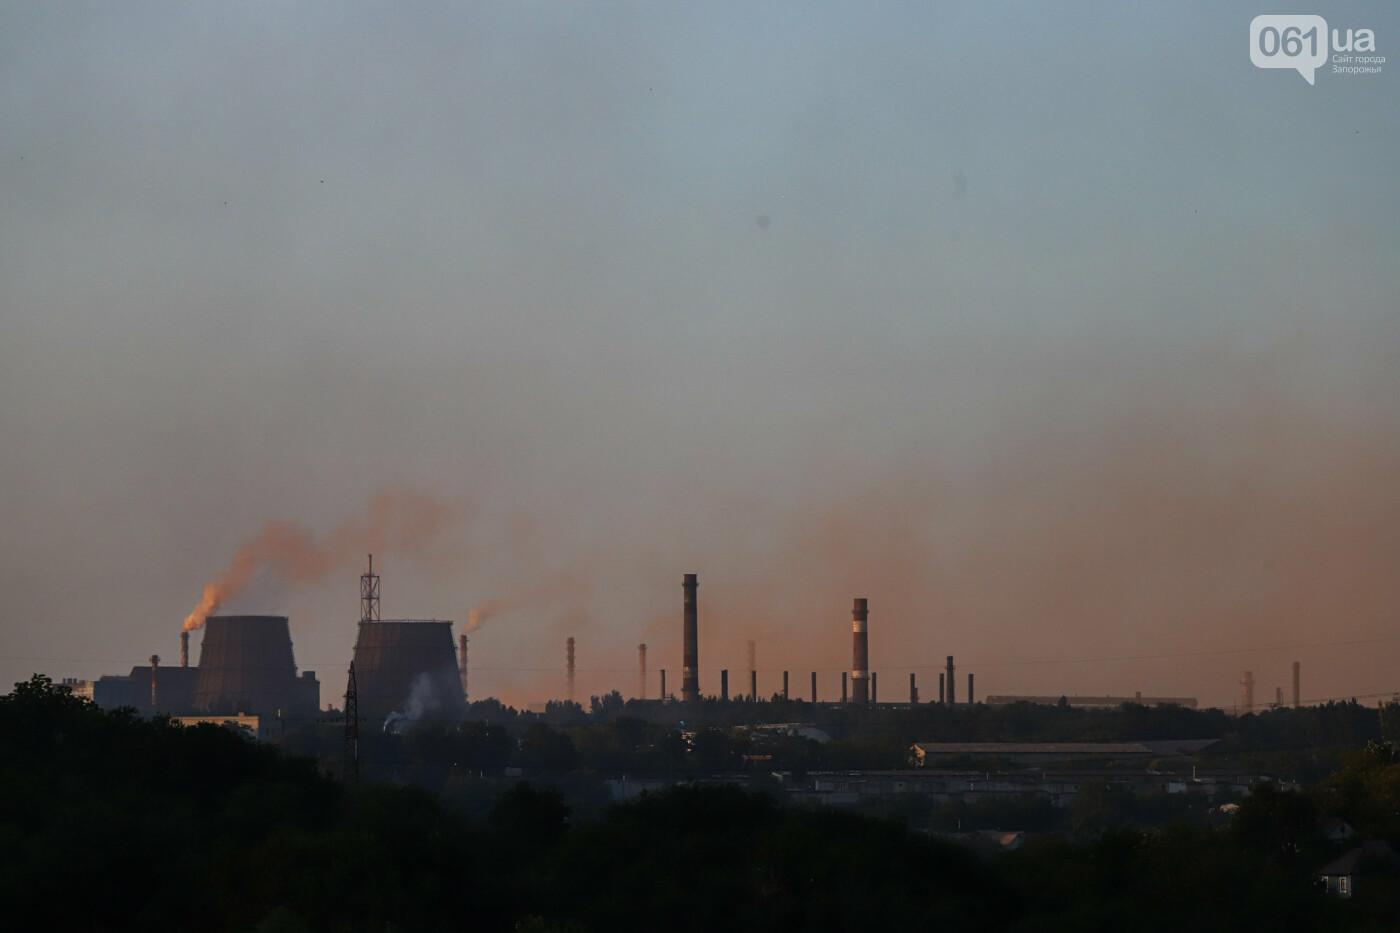 Запорожцы выйдут на митинг за чистый воздух - 10 фото о том, почему, фото-2